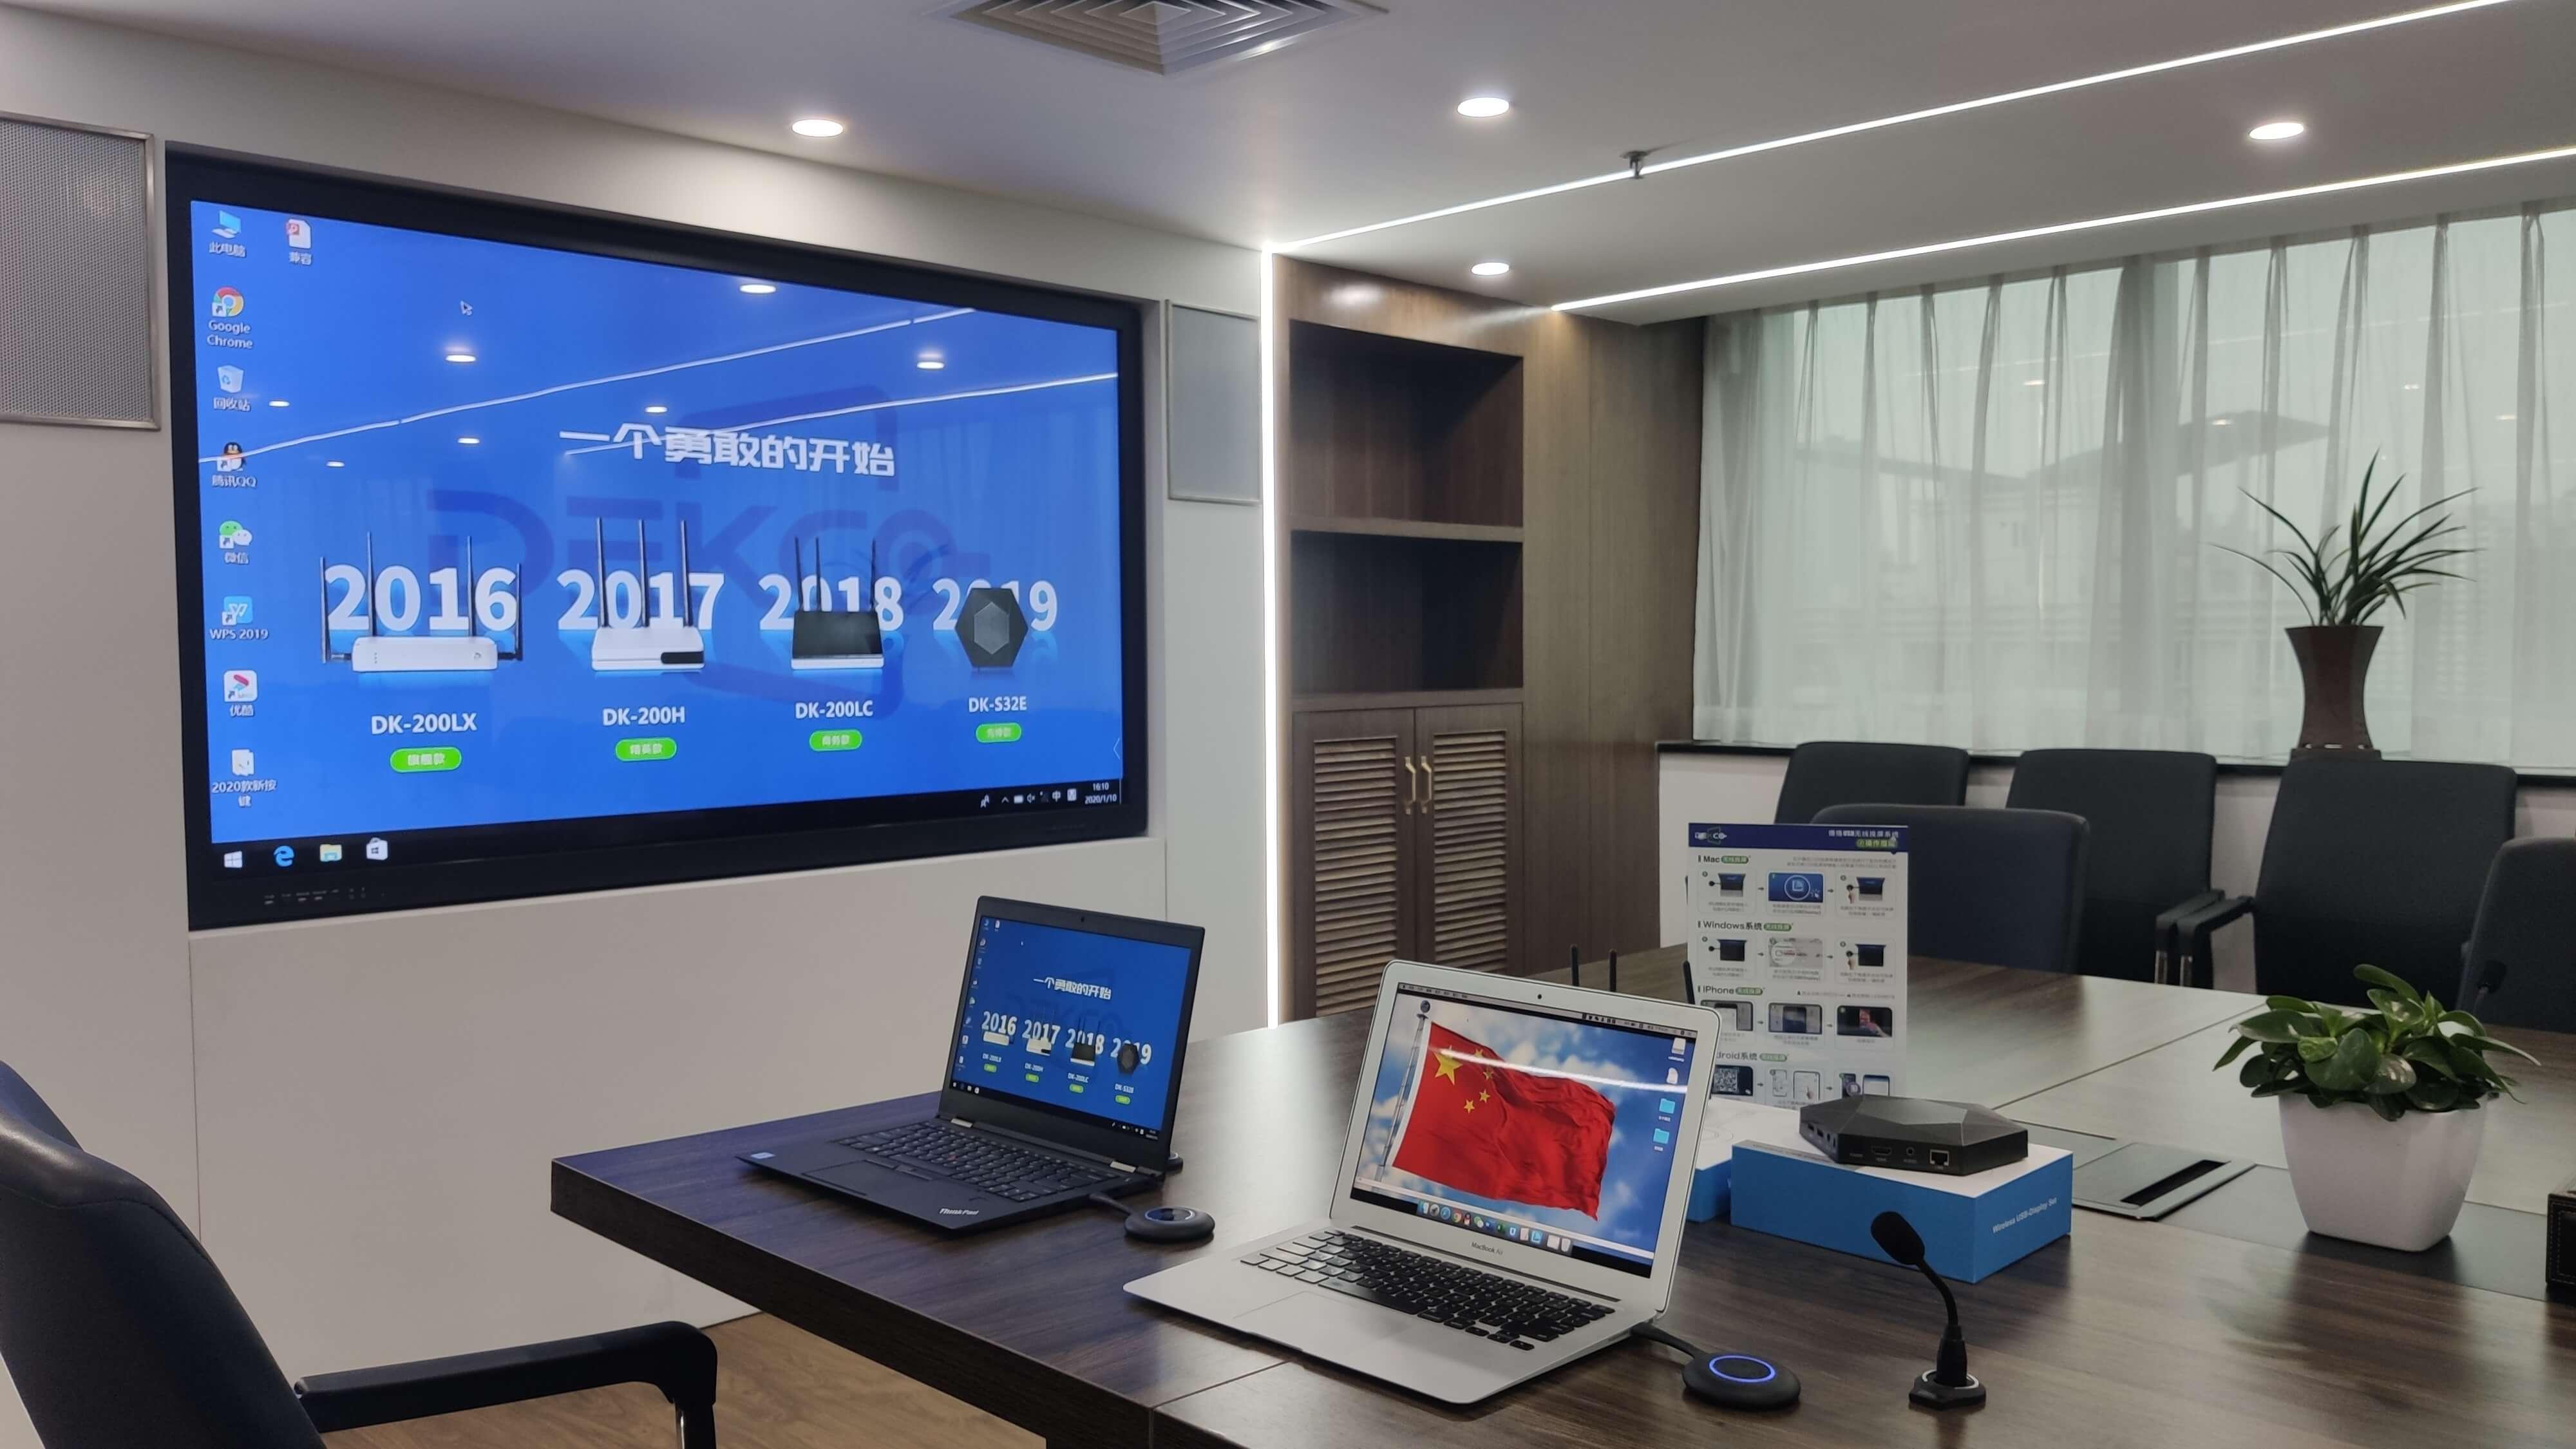 会议室的电脑图片可以随机切换显示在电视或投影仪上吗?